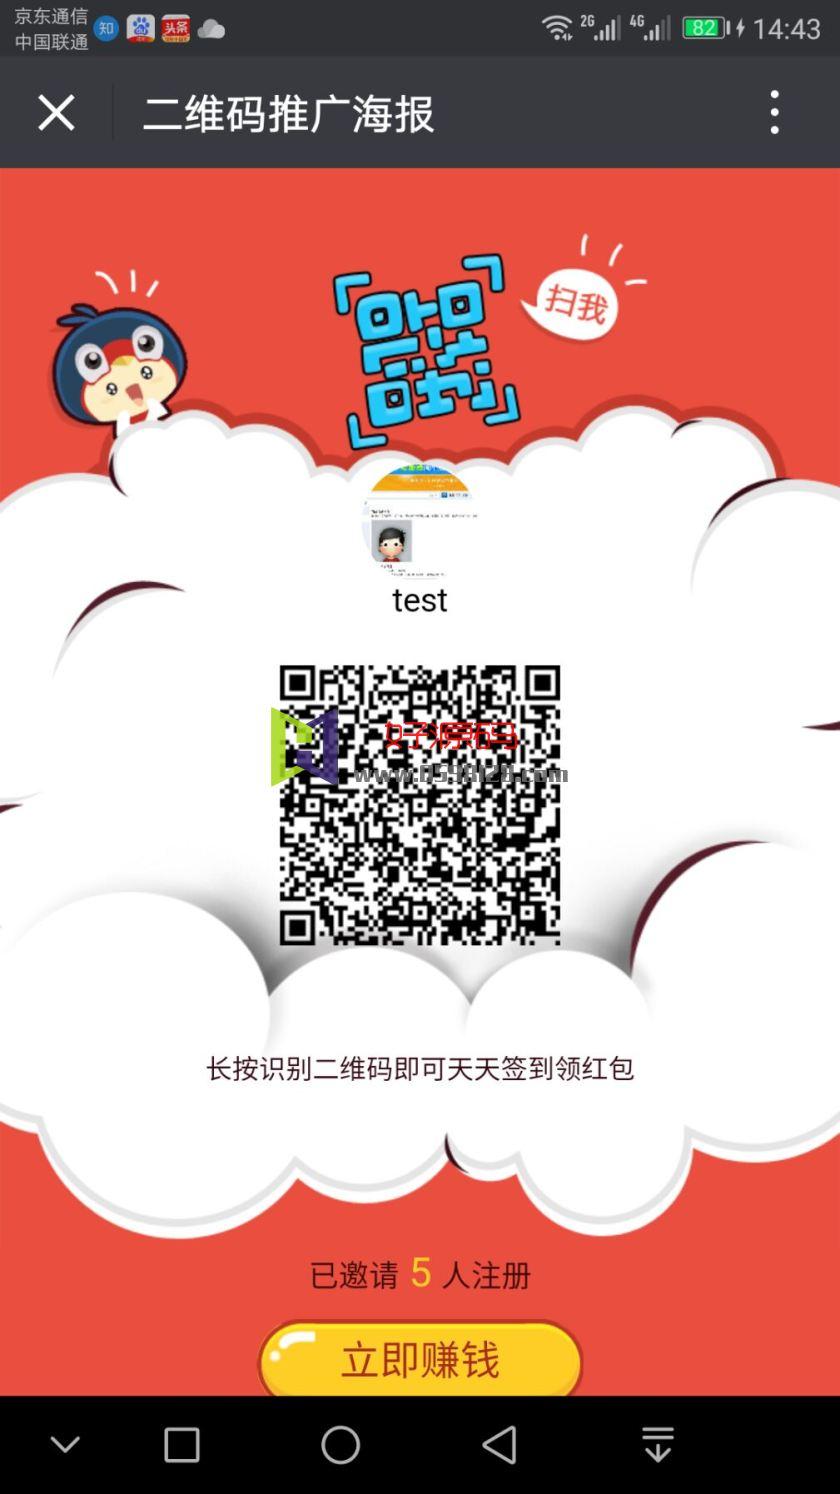 【免费下载】二维码推广海报 邀请注册1.0